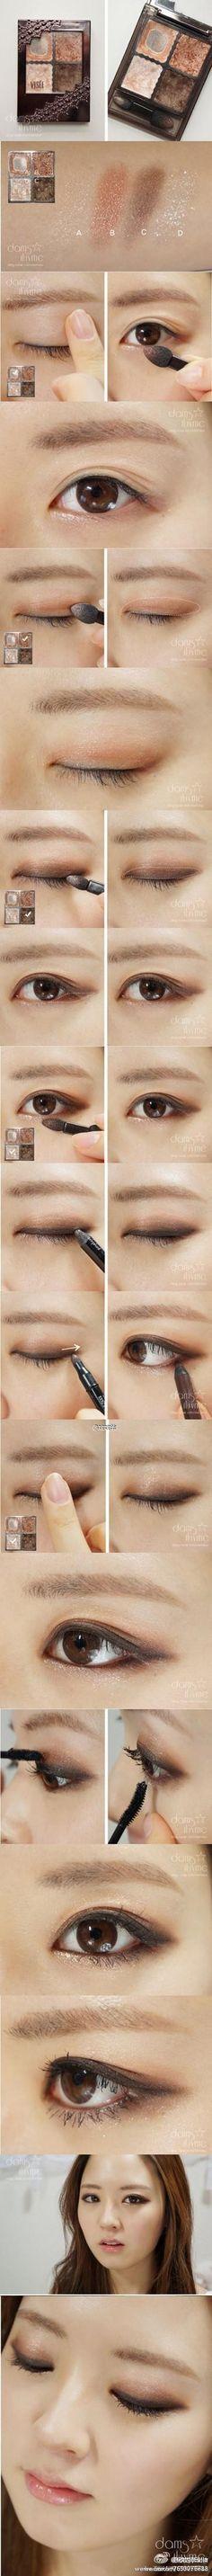 Korean make up | ⭐️⭐️ www.AsianSkincare.Rocks